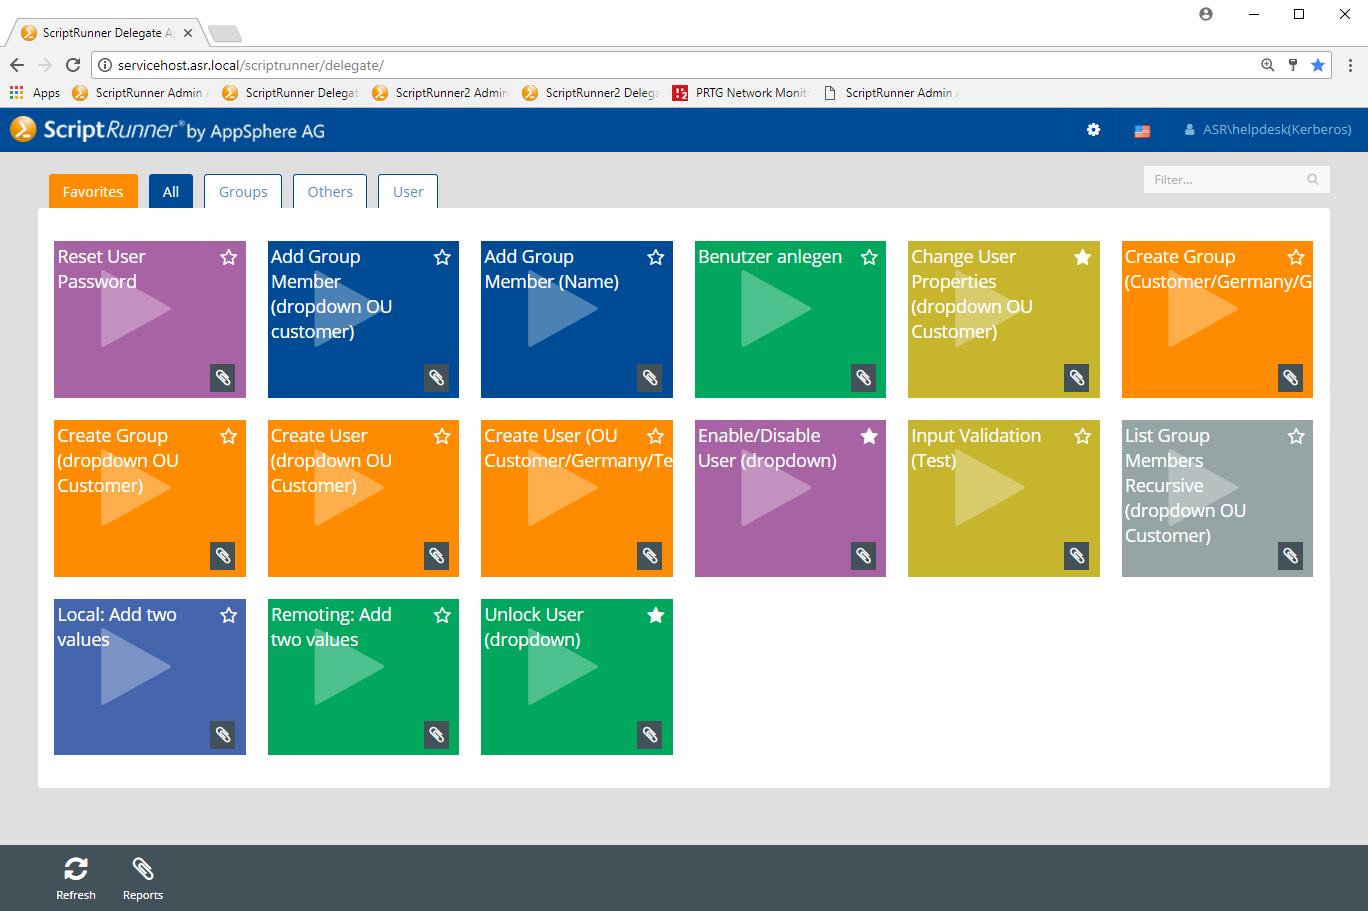 Einfache Delegation von PowerShell Scripten mit der ScriptRunner Delegate App